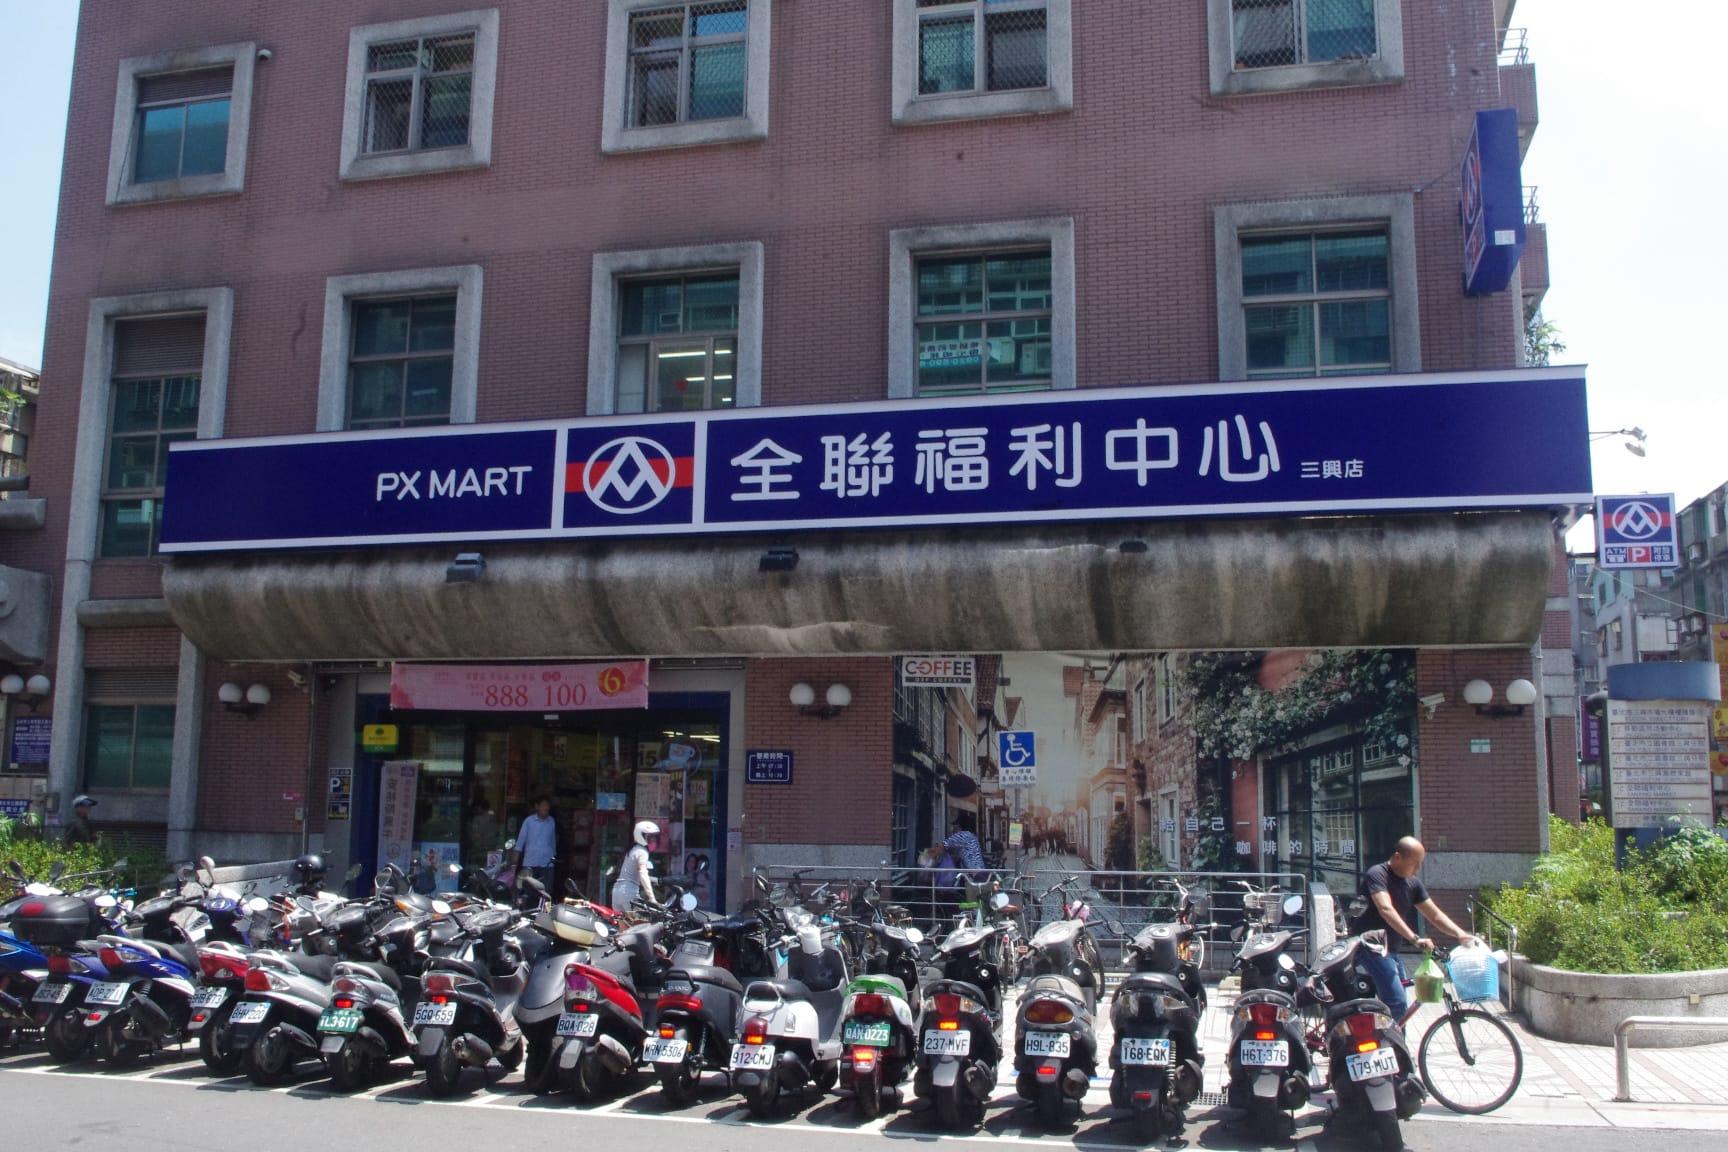 PX mart(全聯)外観: お土産・グルメの買い物ができる地元スーパーマーケット